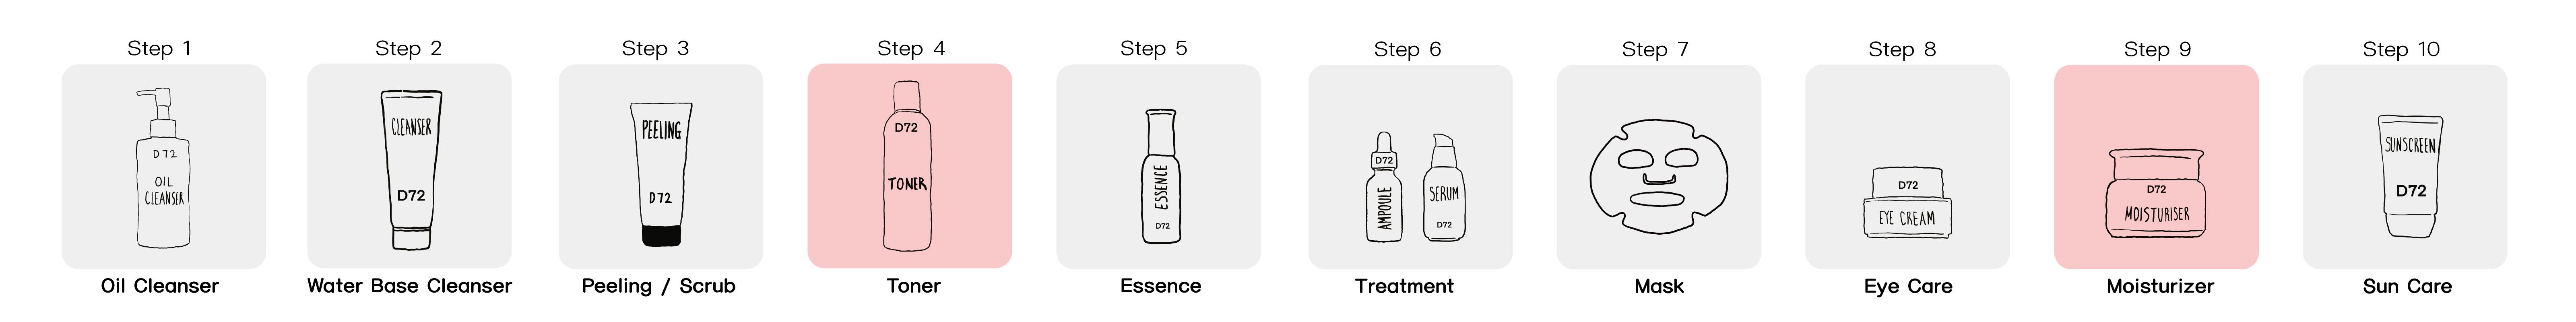 step-4-9.jpg